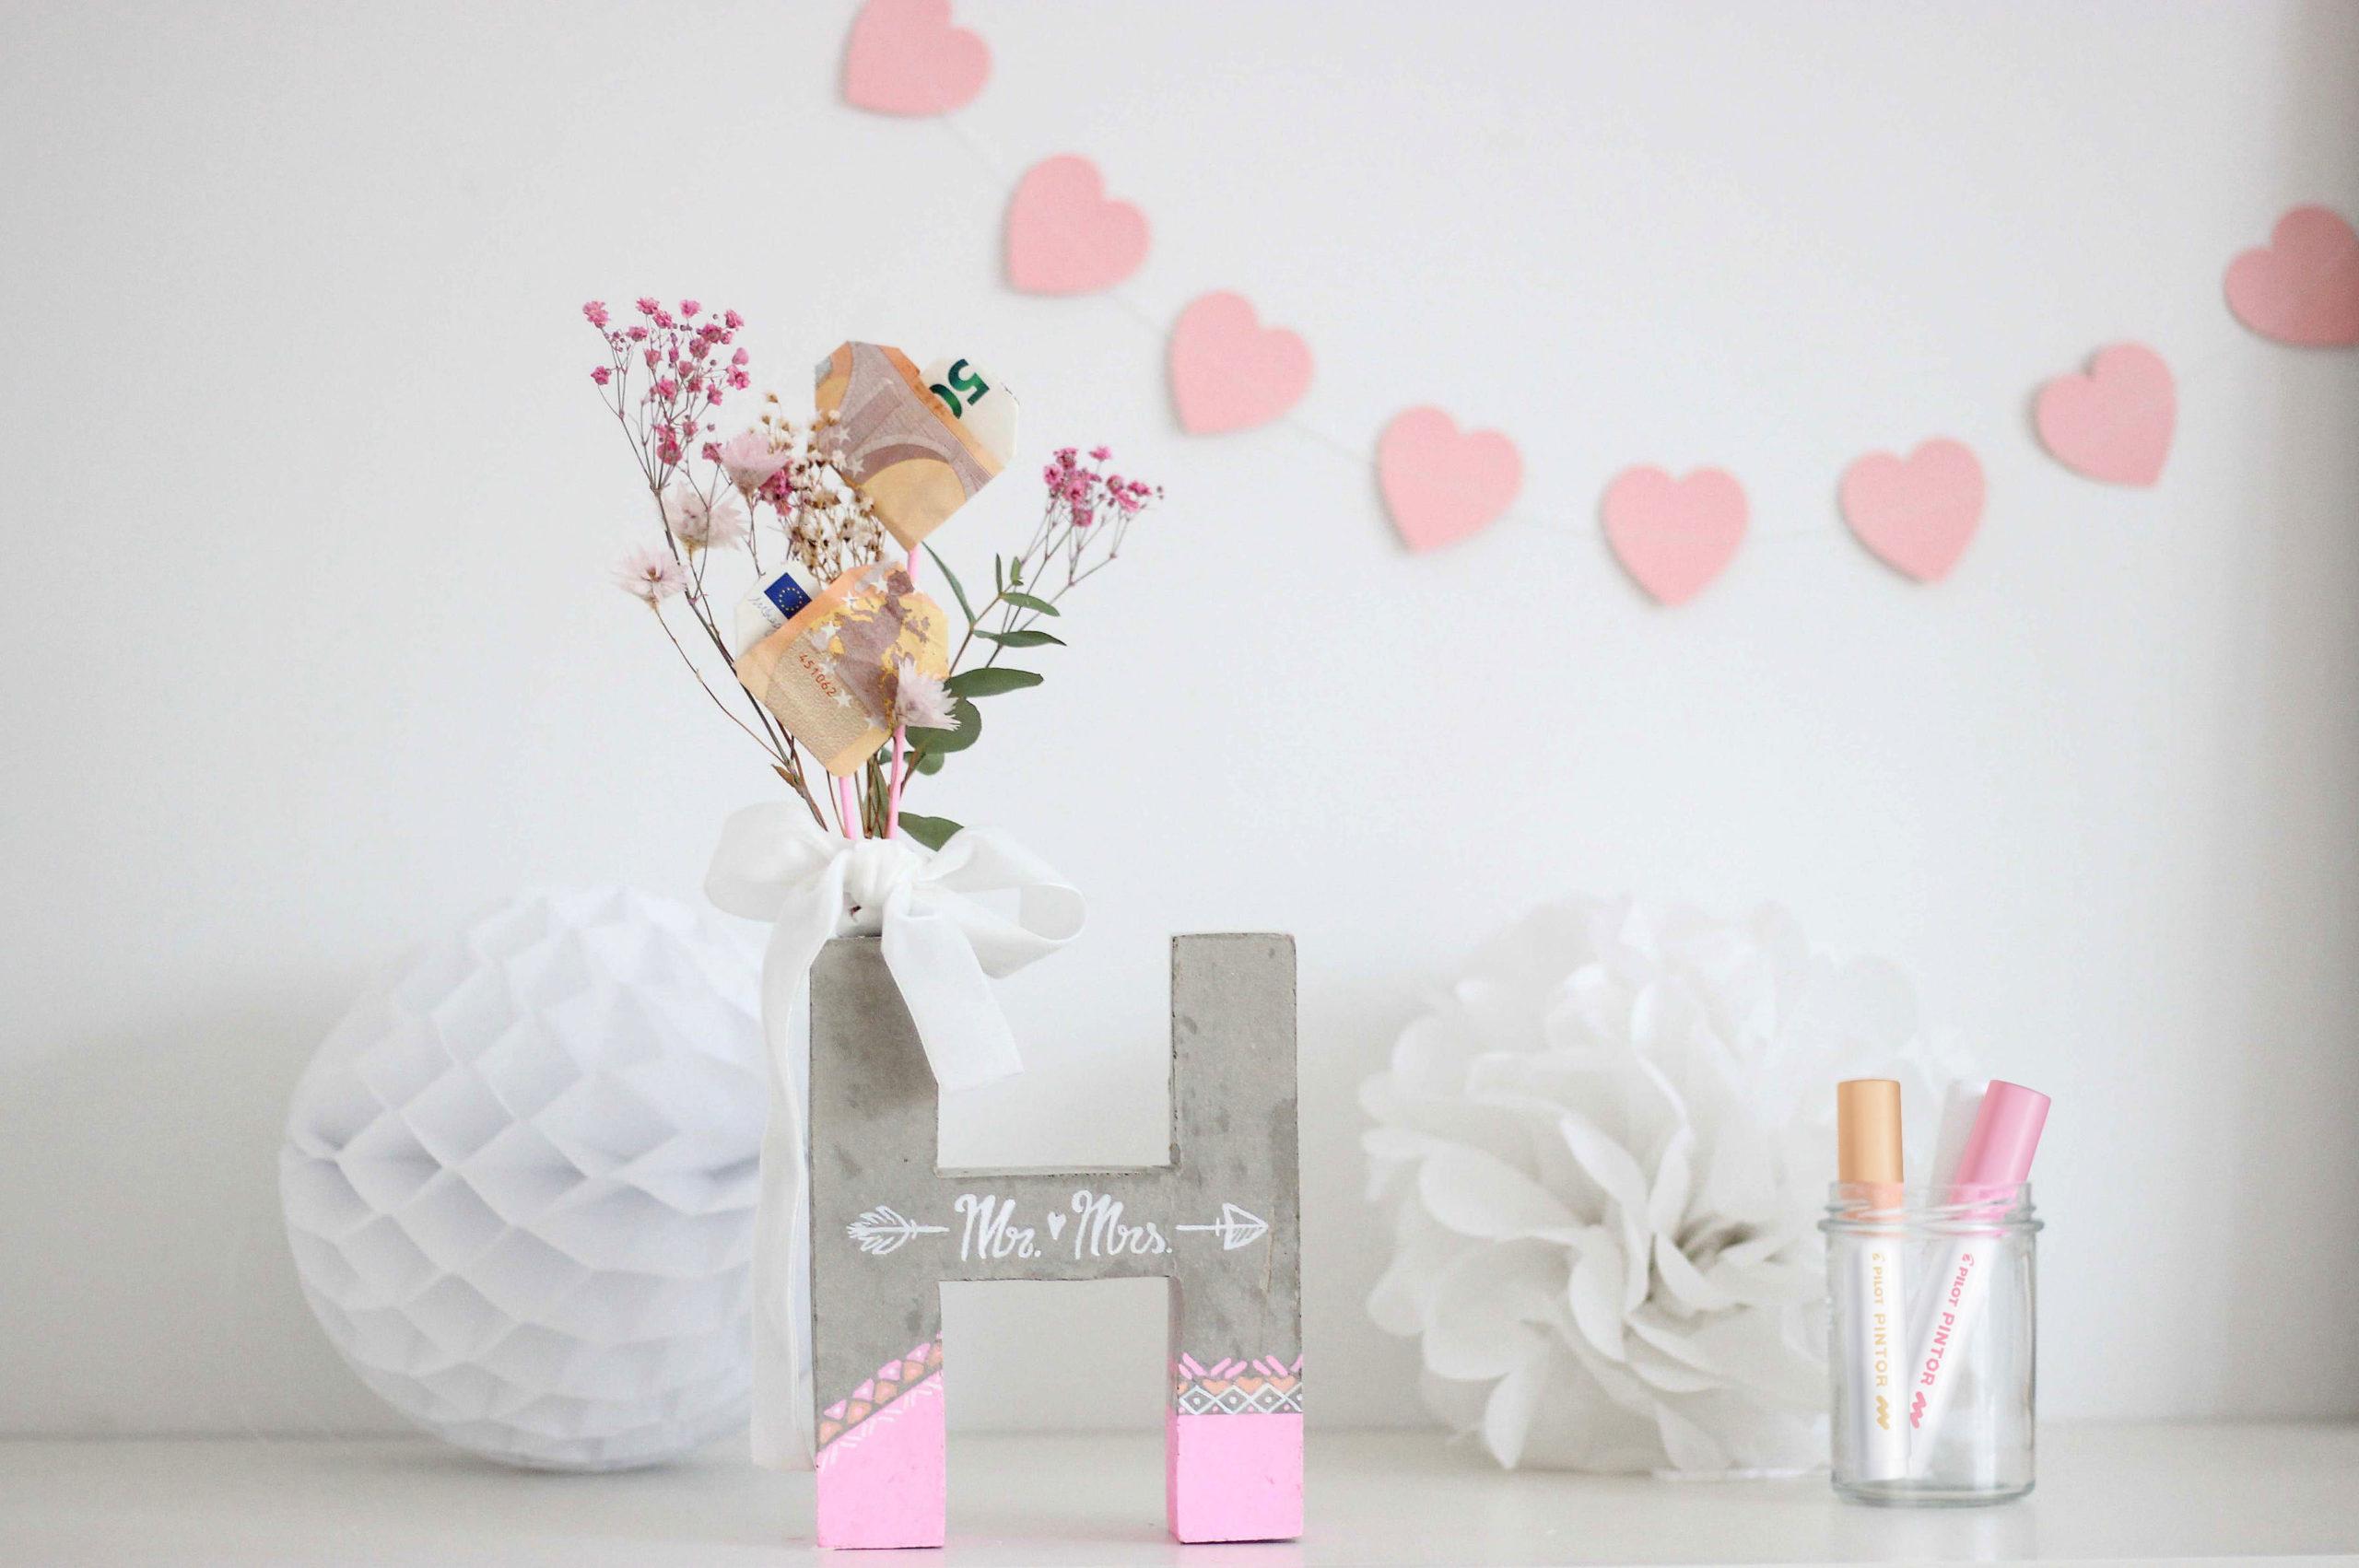 Bild 1 _Kreatives zur Hochzeit